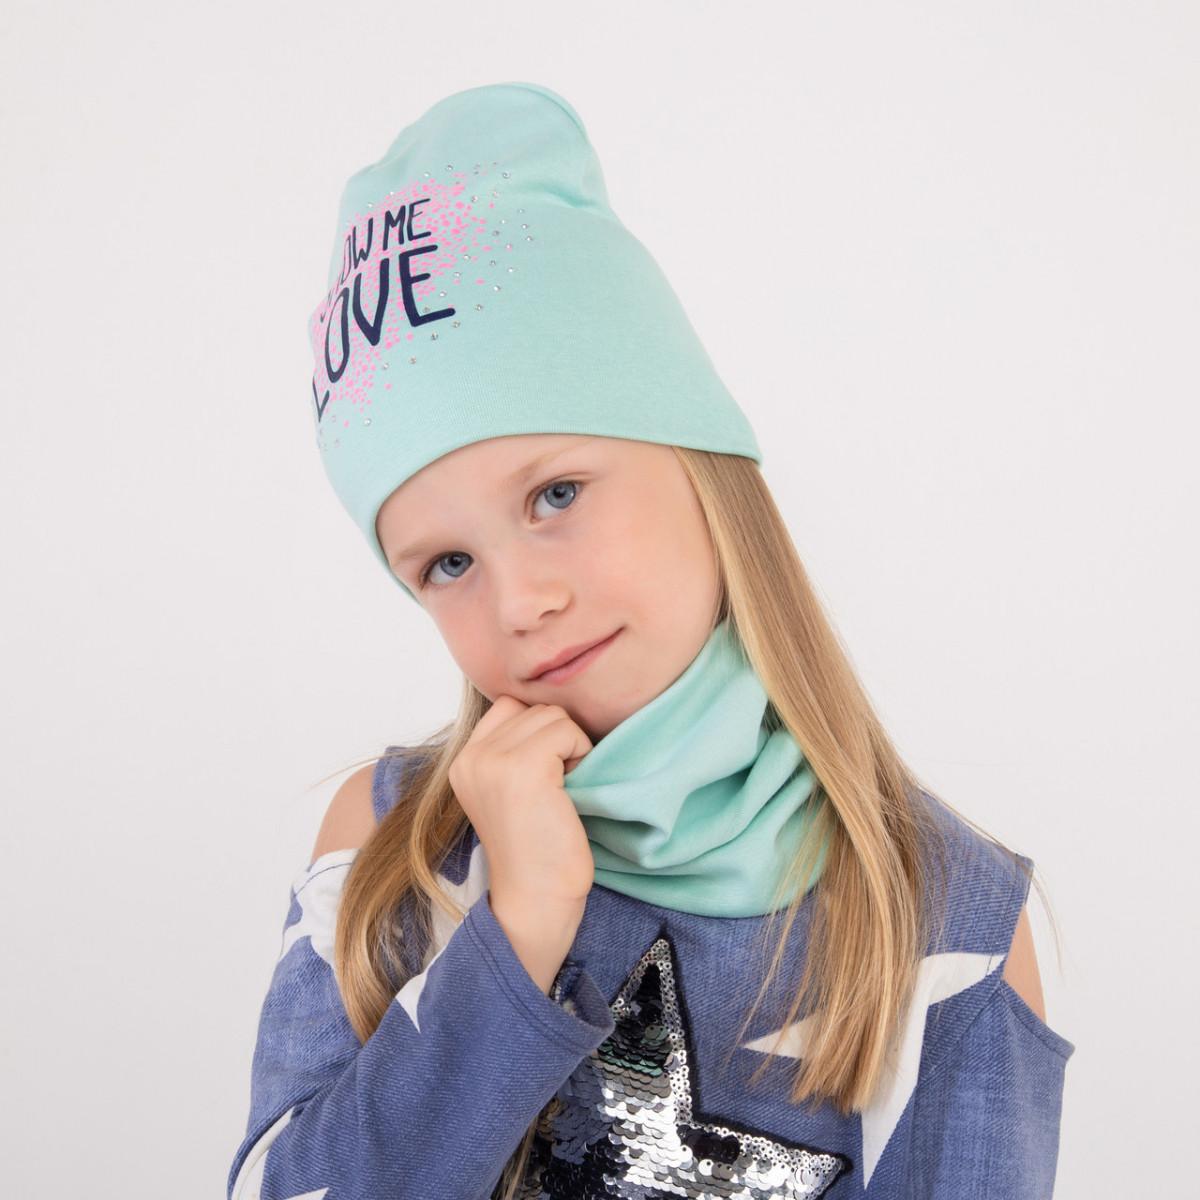 Стильный комплект для девочки на осень - Show me love - Артикул 2307